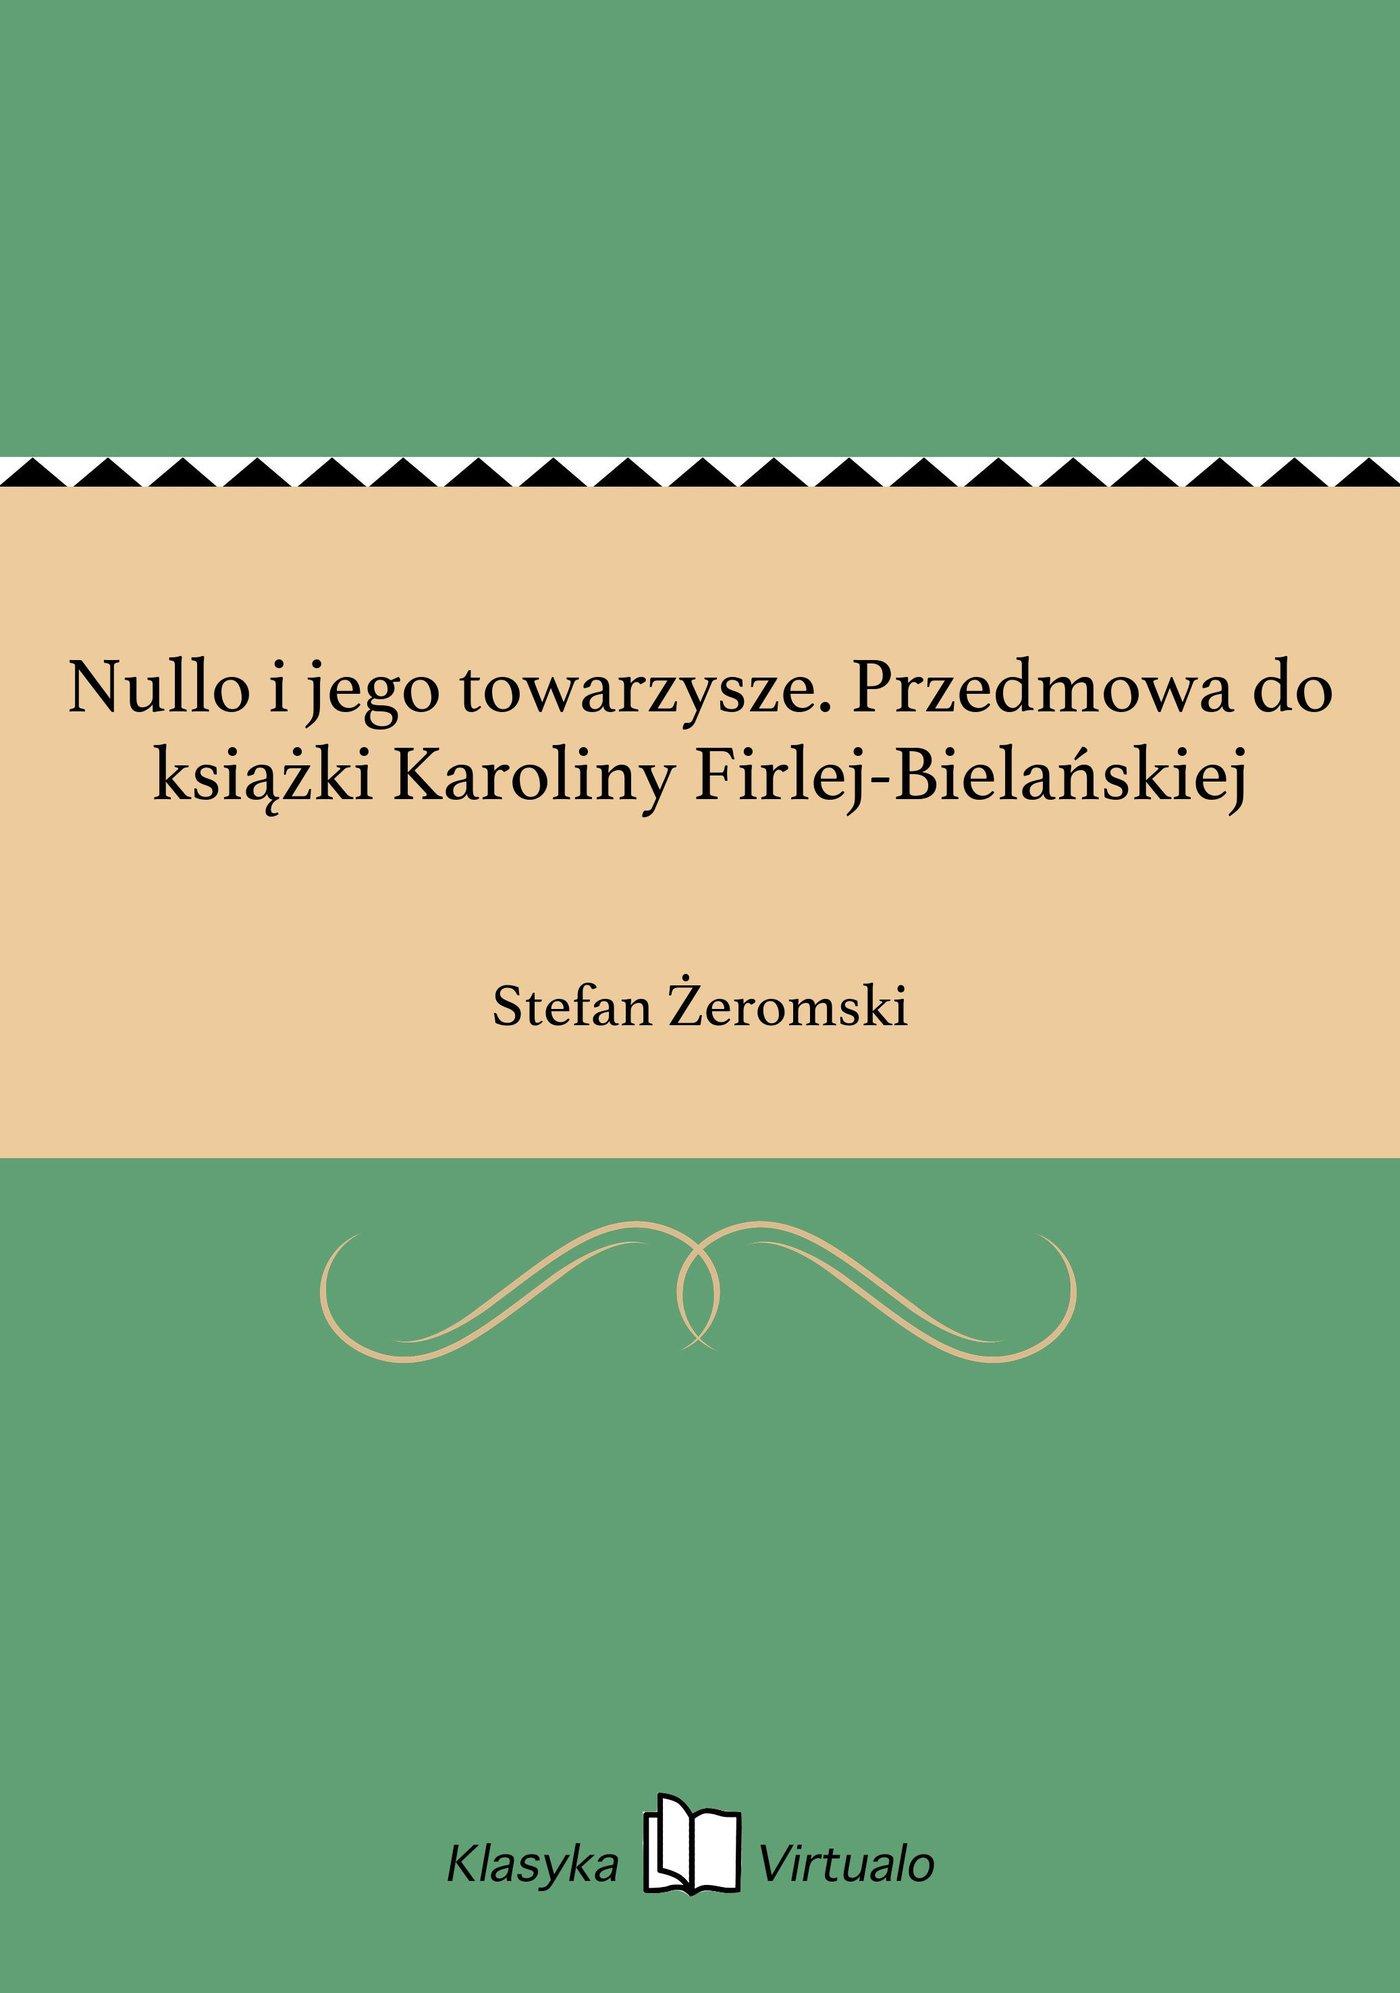 Nullo i jego towarzysze. Przedmowa do książki Karoliny Firlej-Bielańskiej - Ebook (Książka na Kindle) do pobrania w formacie MOBI